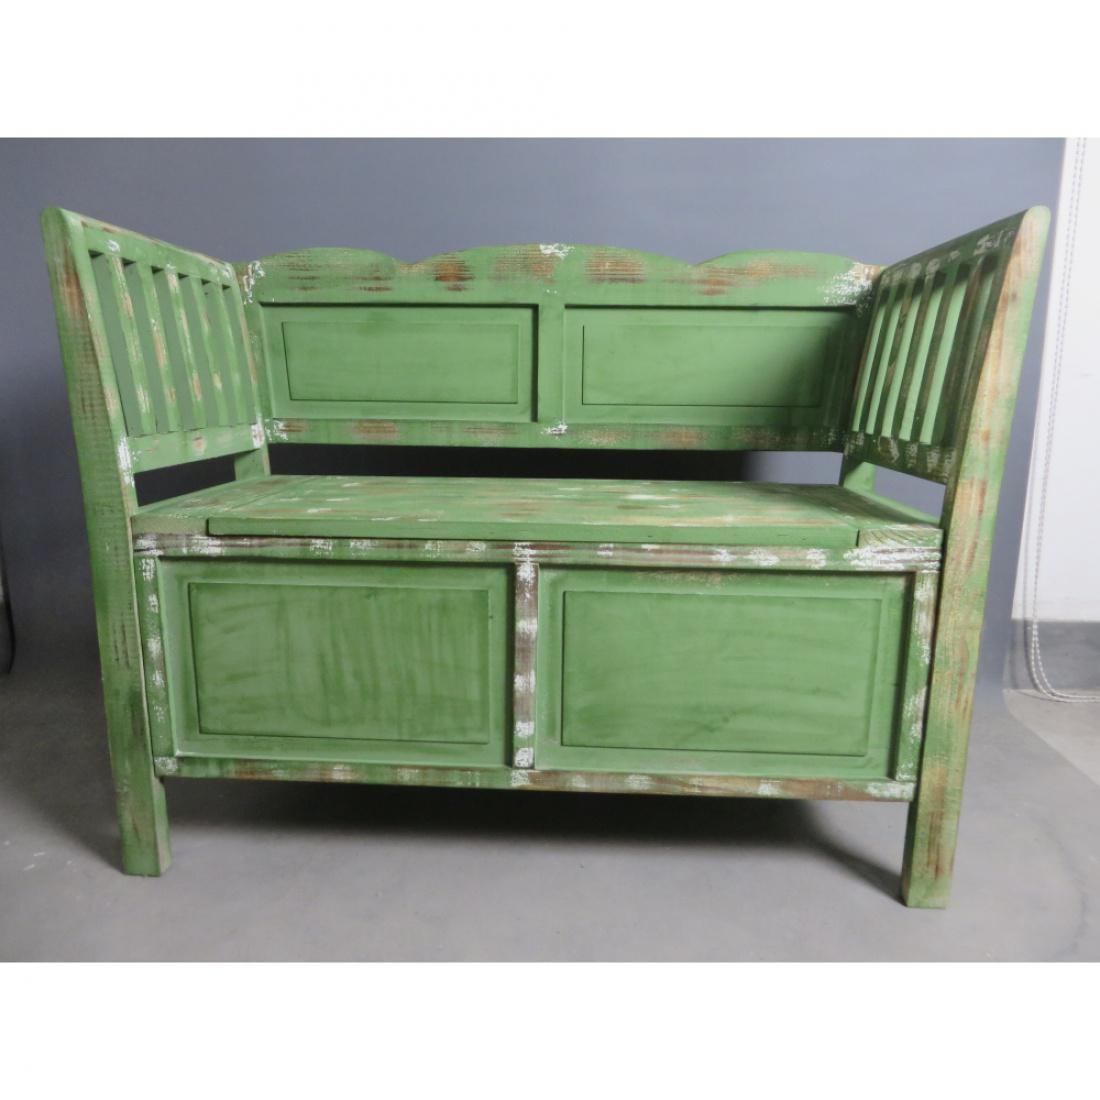 sitzbank 03 mit 2 schubladen verschiedene farben 105 x 80 x 44 cm kaufen bei m bel lux. Black Bedroom Furniture Sets. Home Design Ideas